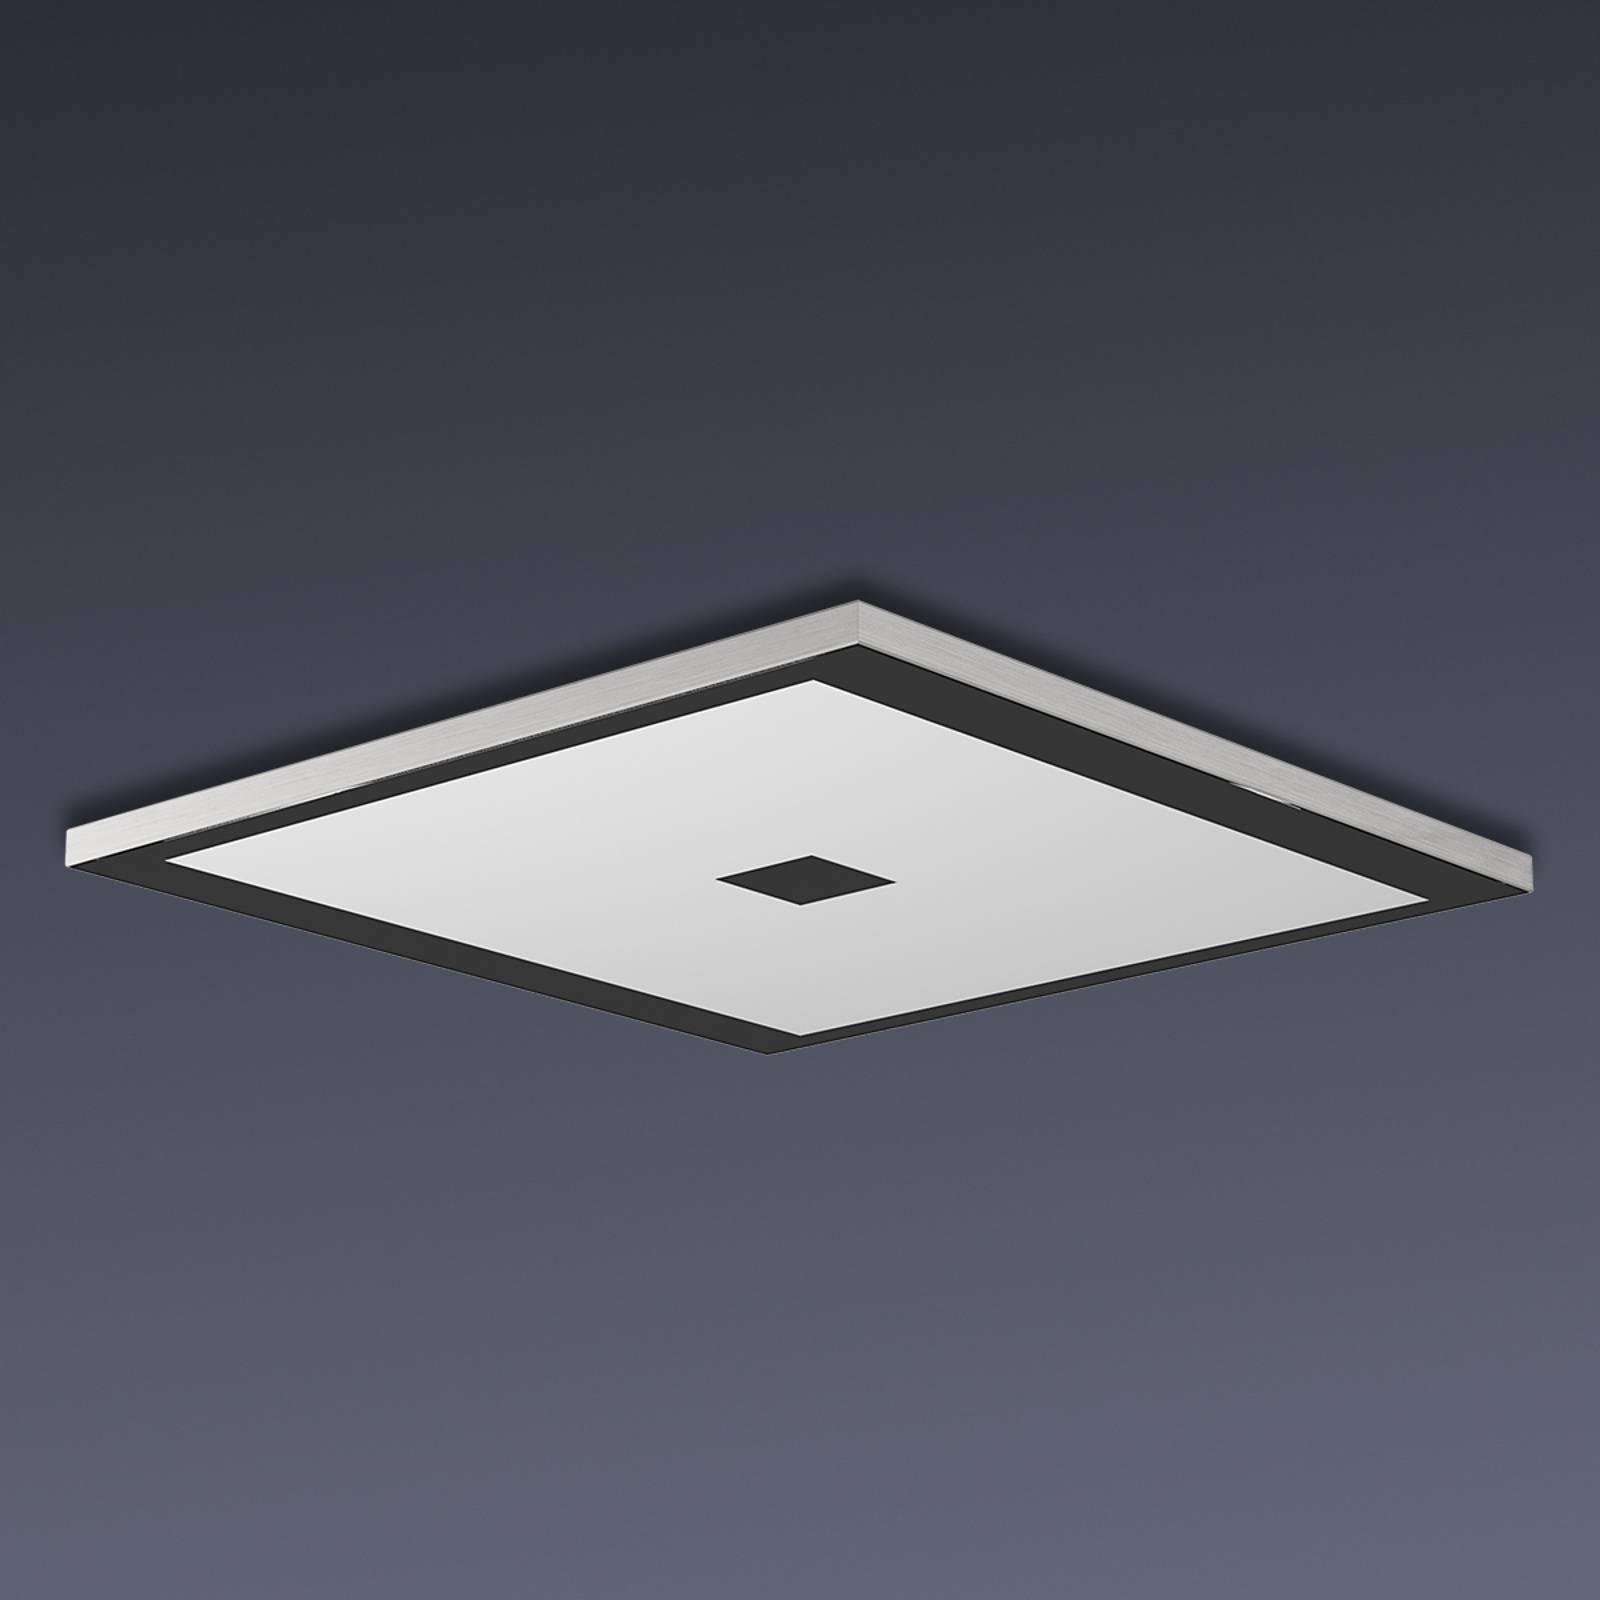 Plafonnier LED Zen - contrôle de couleur